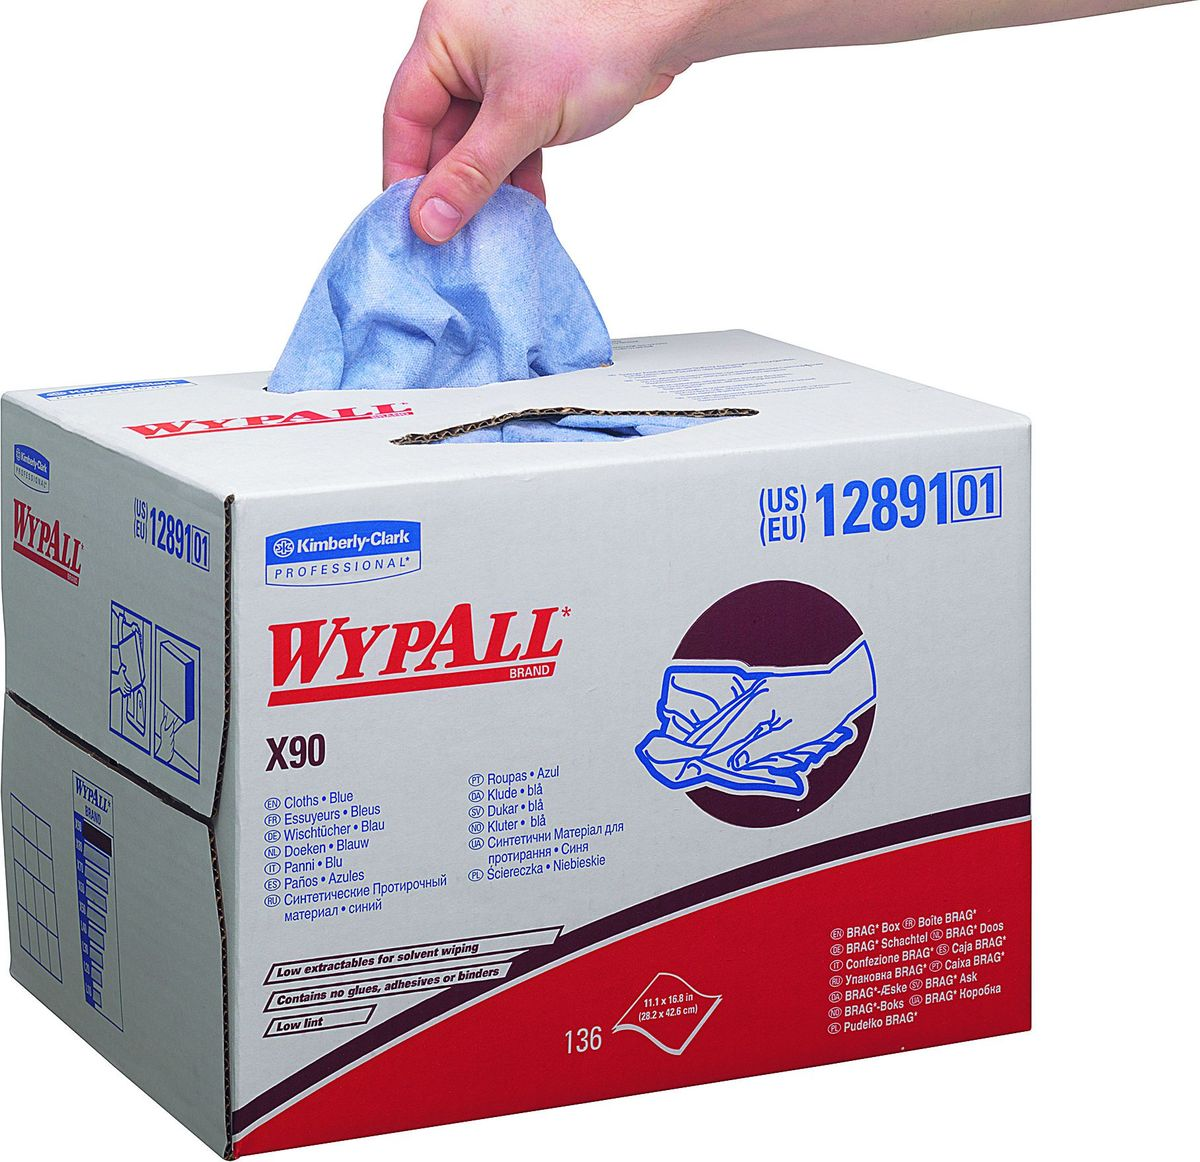 Салфетки бумажные Wypall Х90, 152 шт. 12891TB 15Бумажные салфетки Wypall Х90, изготовленные из целлюлозы и синтетики, обладают отличной впитывающей способностью, долговечностью и прочностью, как в сухом, так и во влажном состоянии. Салфетки могут использоваться с большинством растворителей, обеспечивают быструю очистку и помогают сократить расходы. Подходят для работы по очистке от клея, масла, мусора, стекол, а также для прецизионной очистки сложных механизмов и деталей. Салфетки Wypall Х90 могут использоваться с переносными или стационарными диспенсерами для контроля расхода продукта и уменьшения объема отходов.